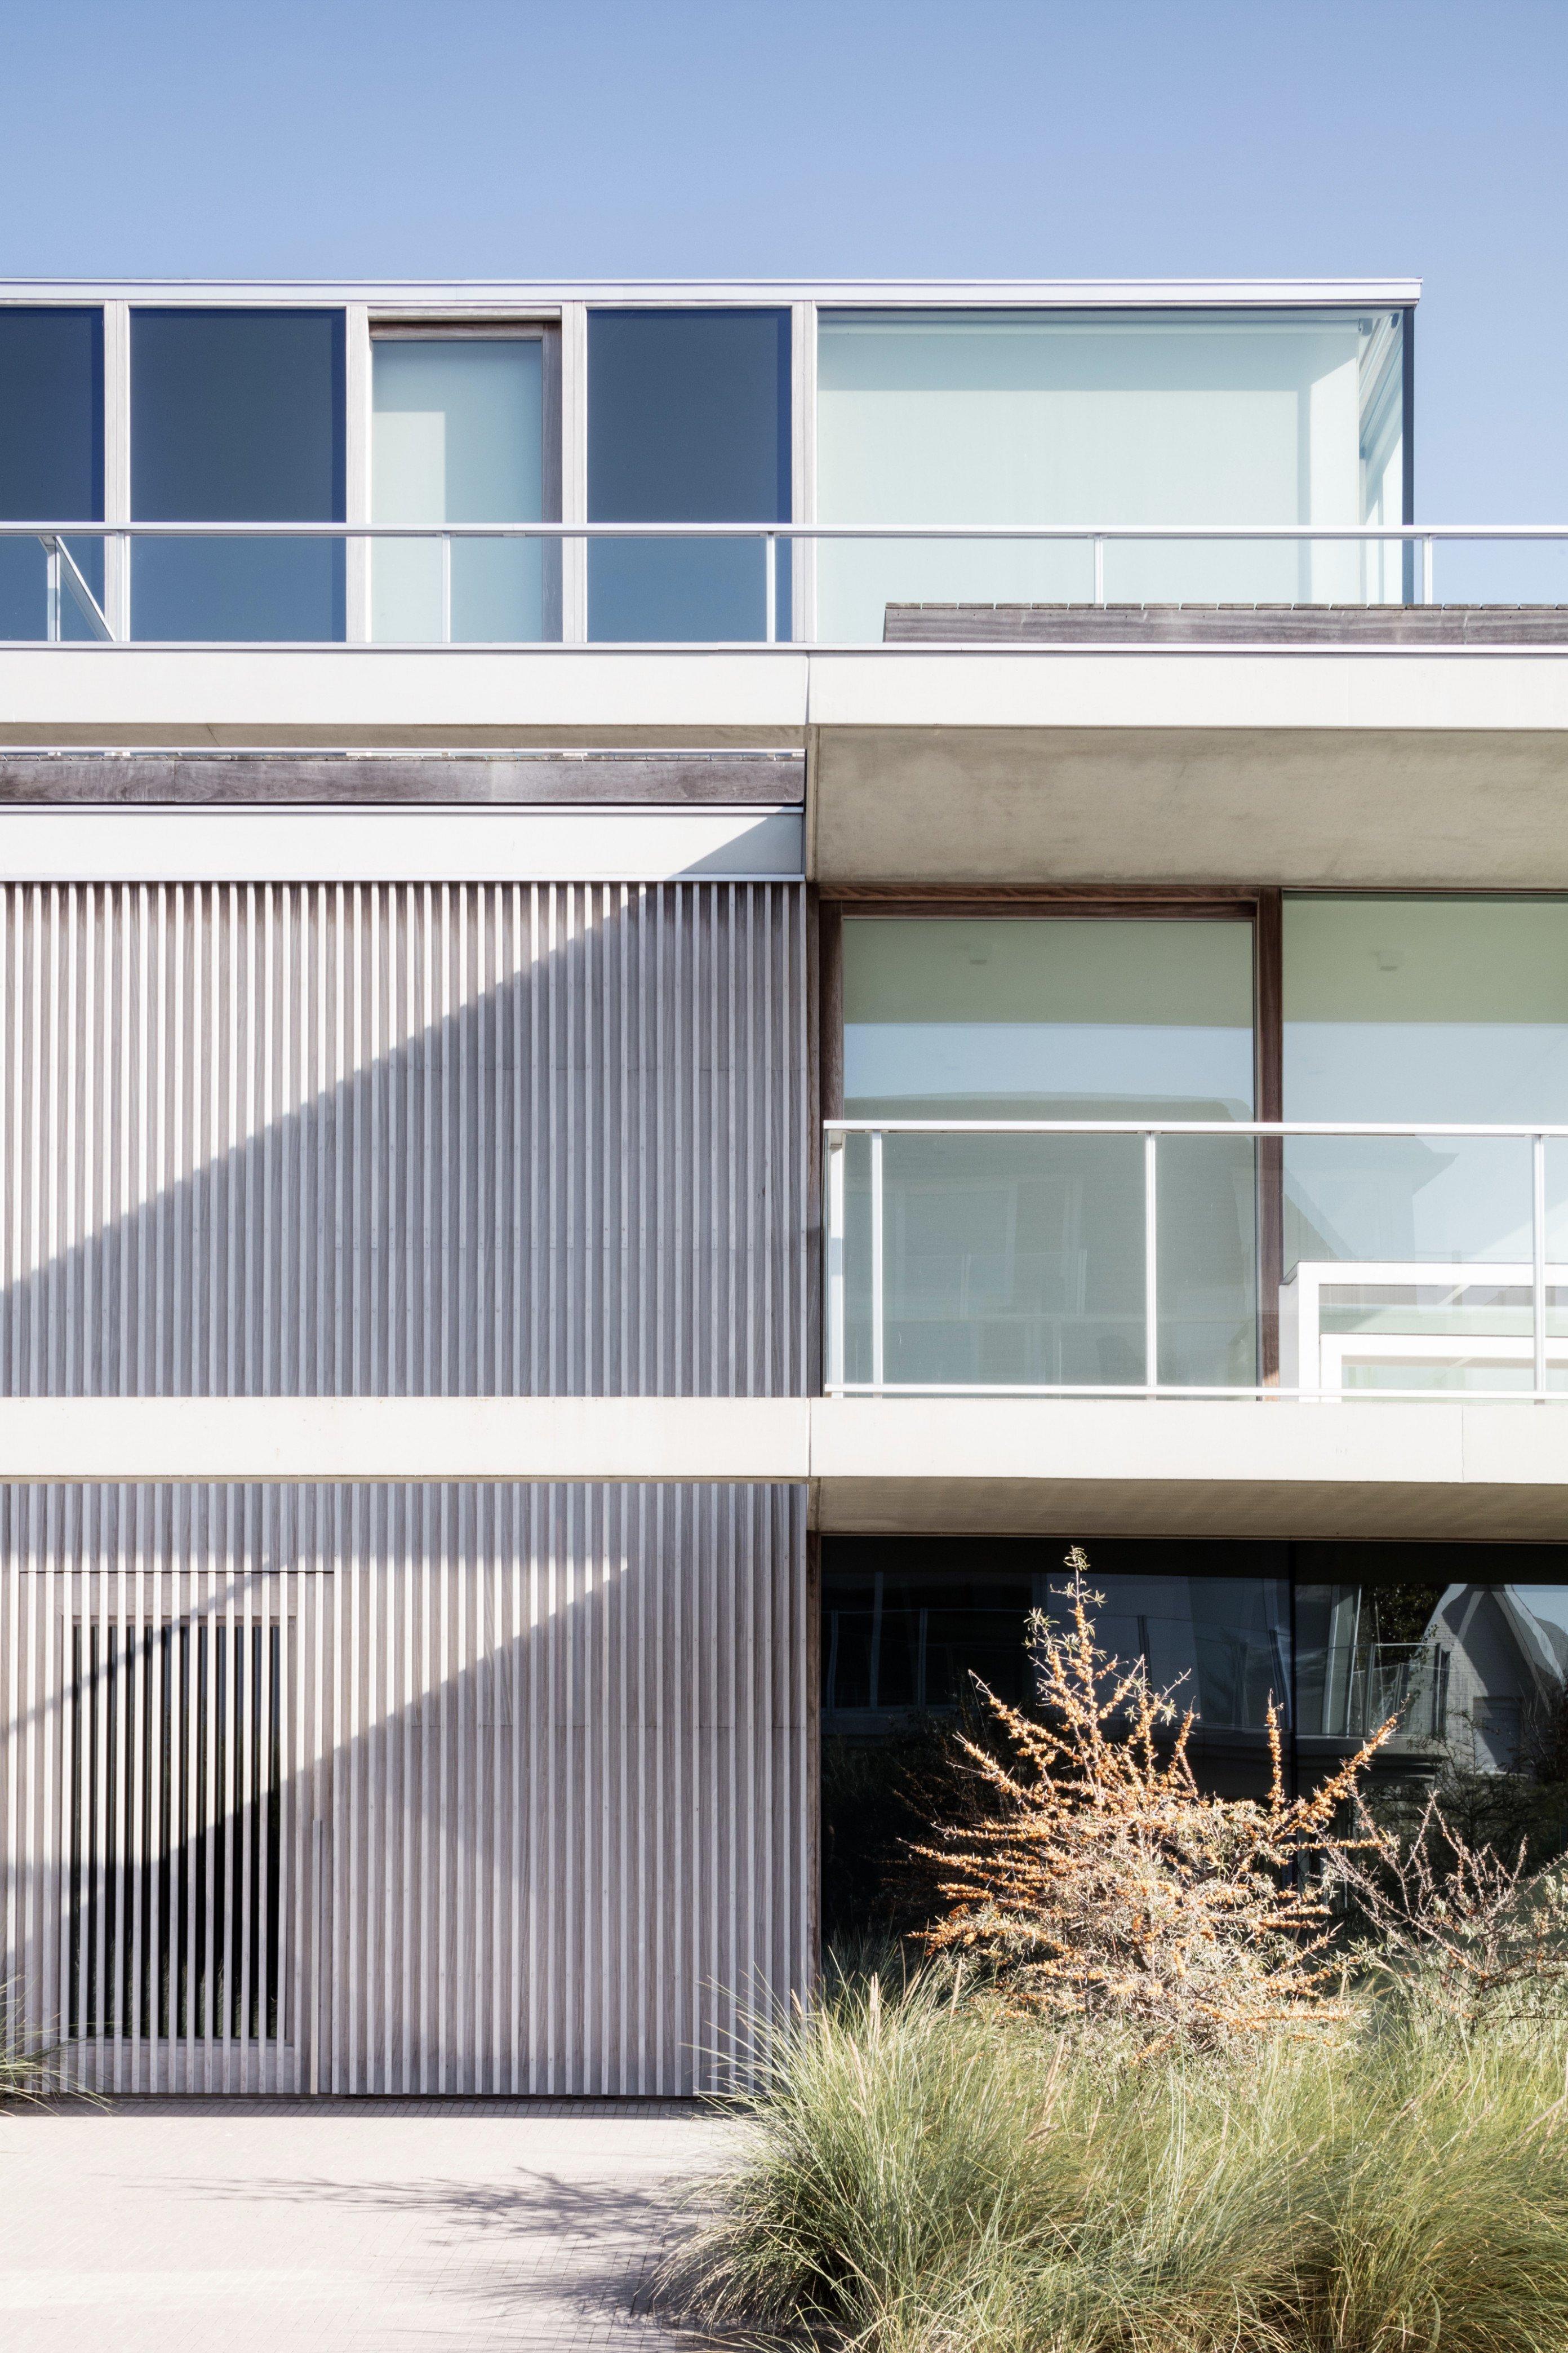 Rietveldprojects-Corbu-Koksijde-Fototimvandevelde2.jpg